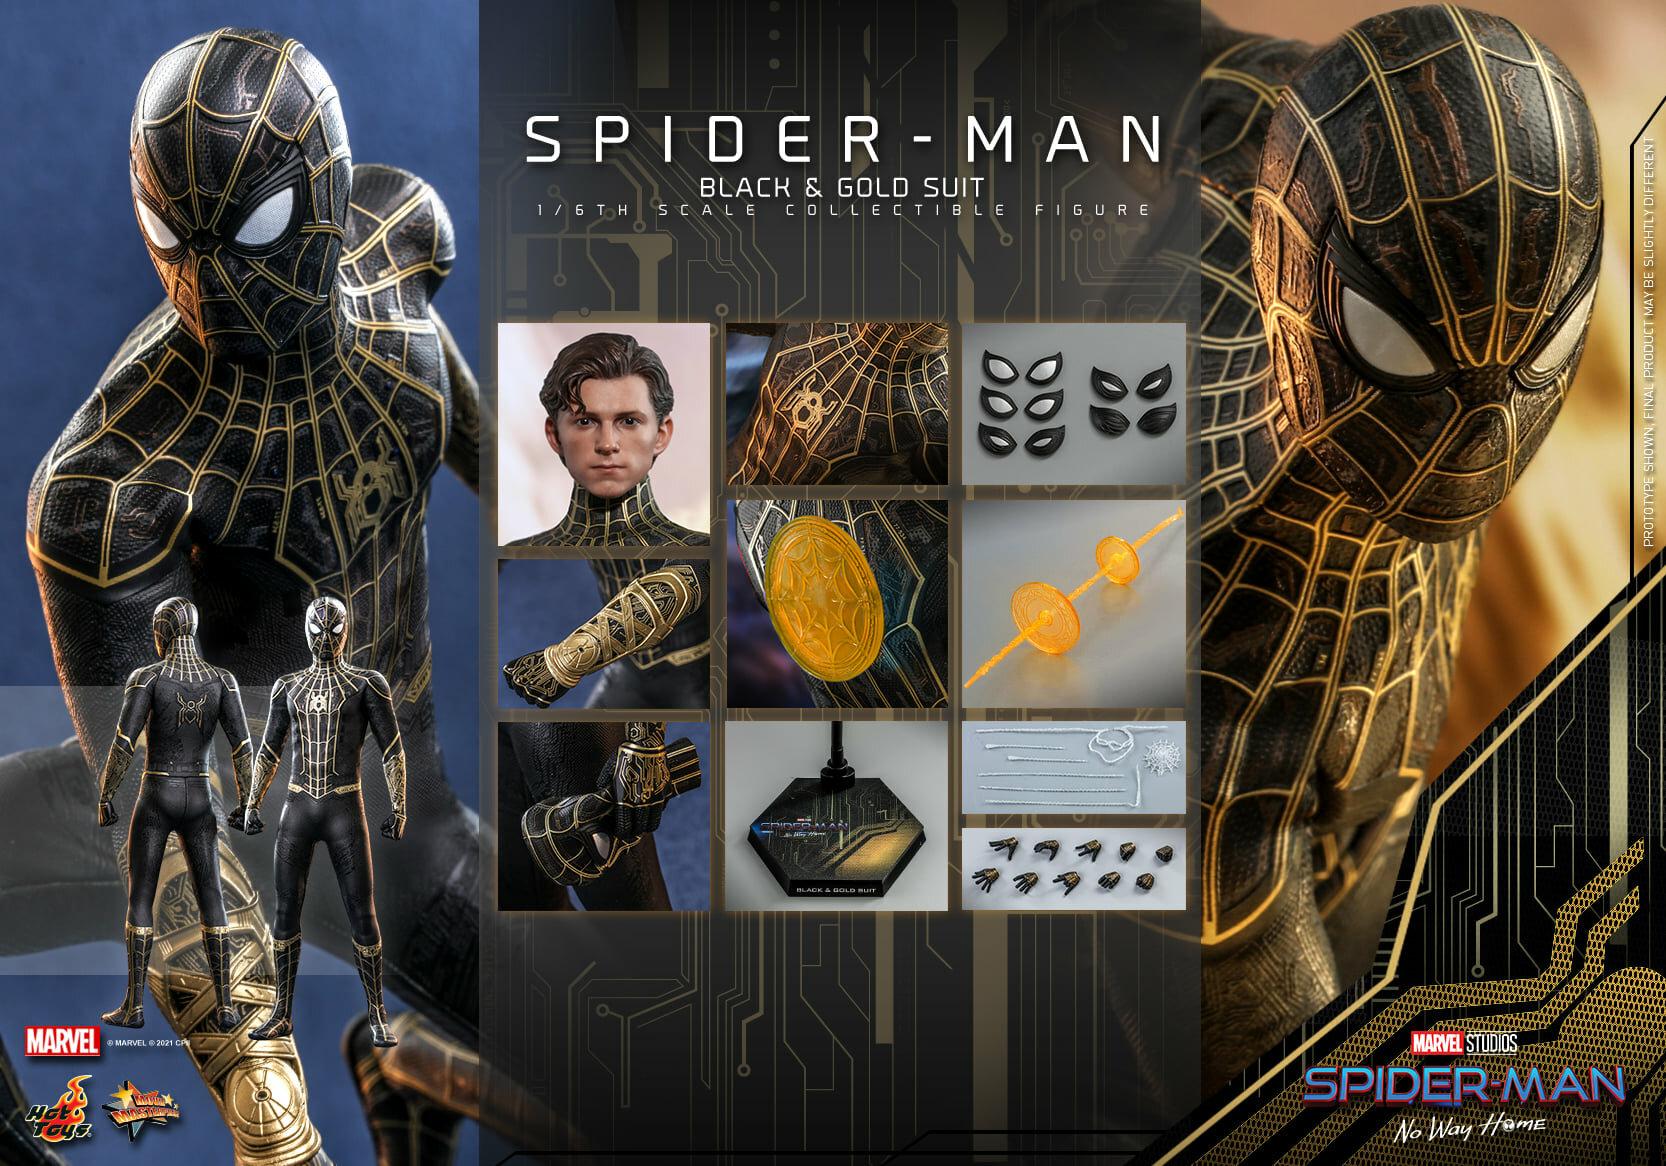 Hot-Toys-Black-Gold-Spider-Man-Update-010.jpg